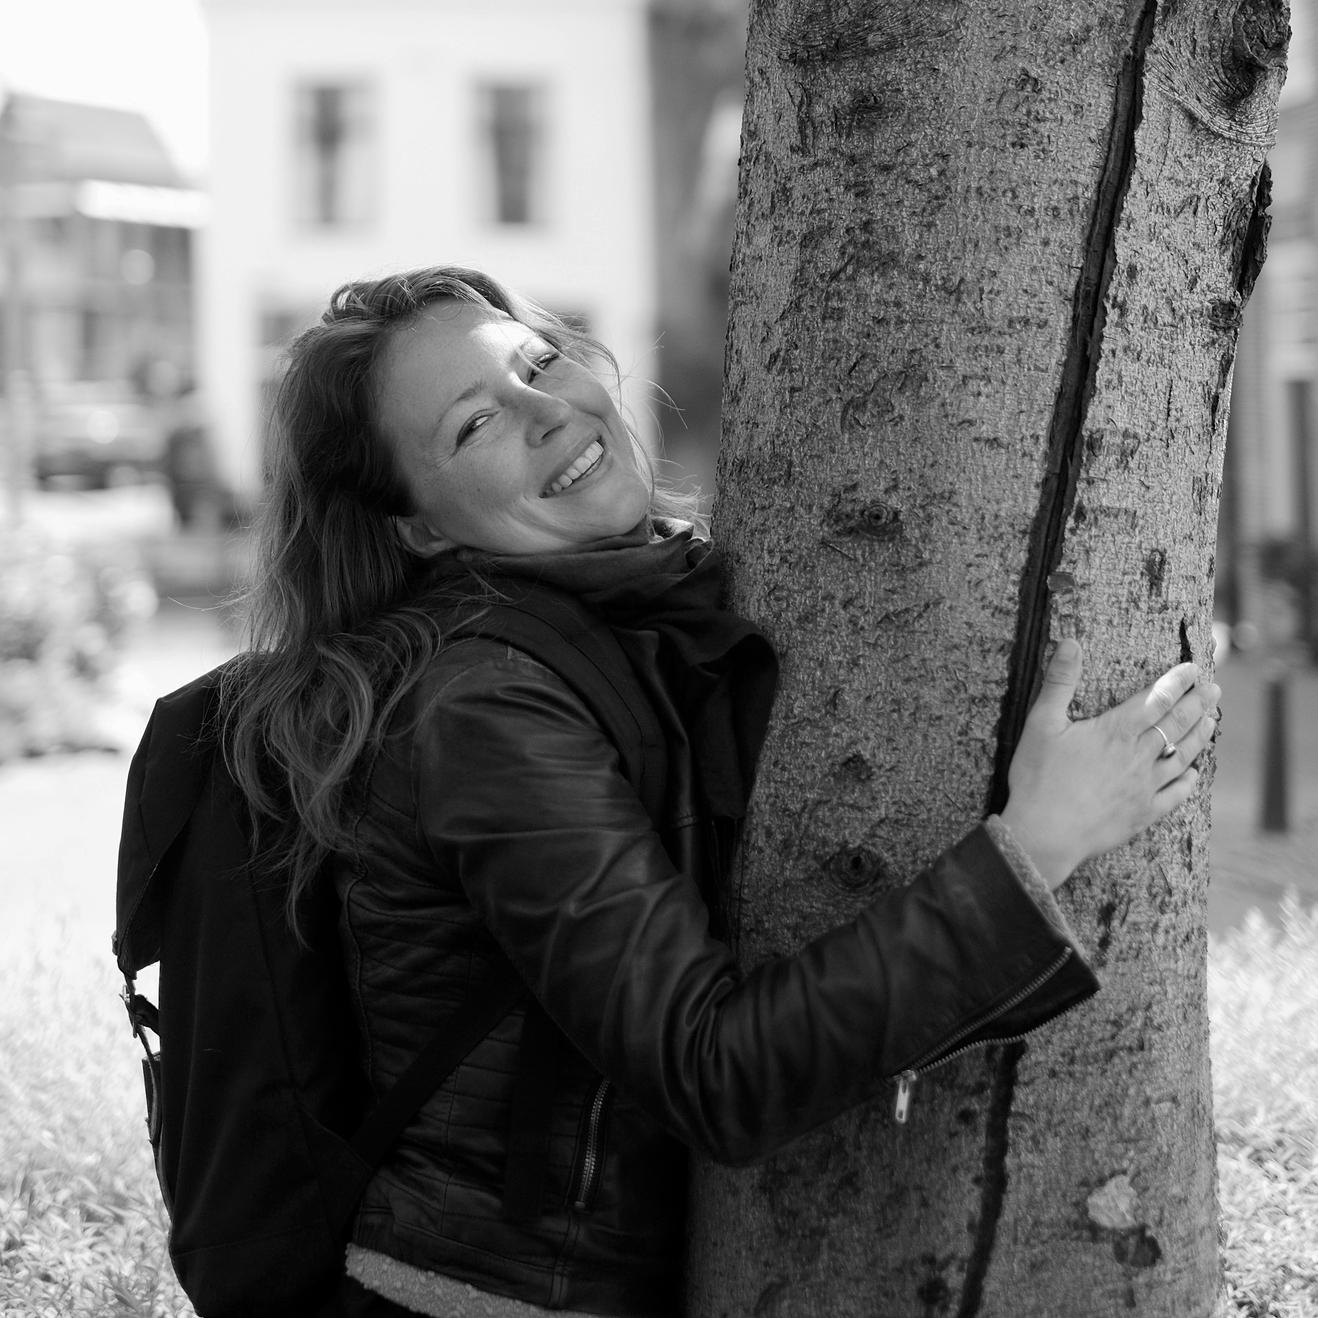 Mirjam vindt haar weg in het leven door haar hart te volgen. De afgelopen 5 jaar heeft zij hier ruimte voor gemaakt door o.a. het volgen van verschillende (stilte) retraites, veelal in de traditie van Zen boeddhist Thich Nath Hanh, maar ook op andere plekken tijdens haar reizen door Thailand en India. Toen zij in de zomer van 2017 een pelgrimstocht liep, voelde zij heel sterk hoe de combinatie van natuur en stilte een helende werking heeft. Dit is waar haar hart sneller van gaat kloppen. Na het volgen van een opleiding als mindfulness coach en een yogaopleiding, zoekt zij manieren om mens en natuur samen in balans te brengen. Met haar sociale achtergrond kan zij heel goed een veilige sfeer creëren waarin iedereen zichzelf kan zijn. Tot op heden organiseert zij terugkerende meditatiegroepen, verdiepingsweekenden en stiltewandelingen.